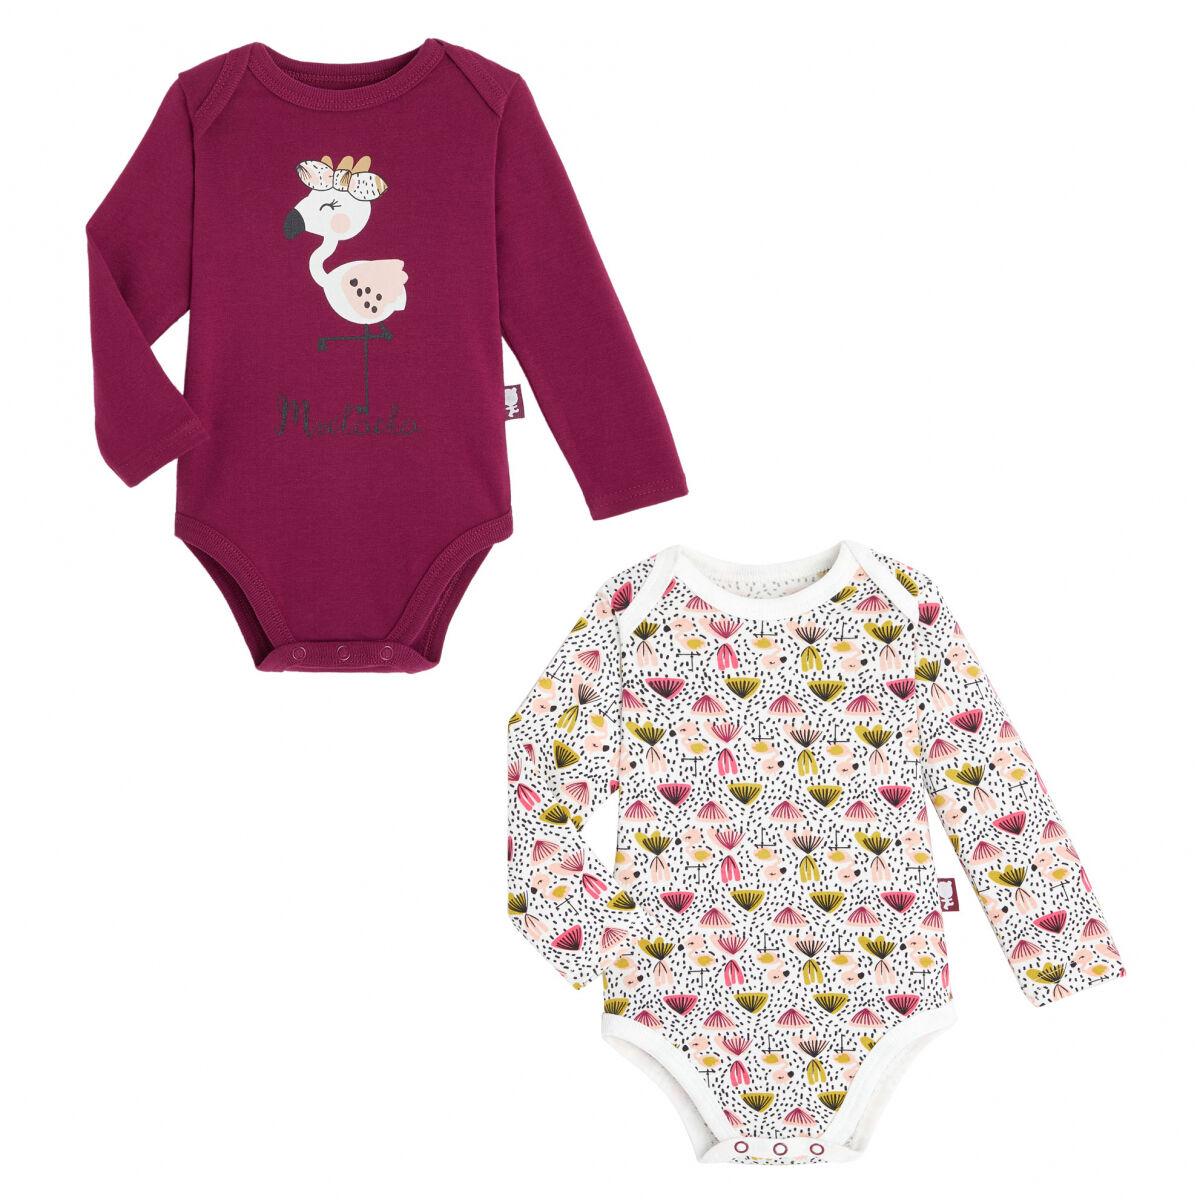 Petit Béguin Lot de 2 bodies bébé fille manches longues contenant du coton bio Muchacha - Taille - 24 mois